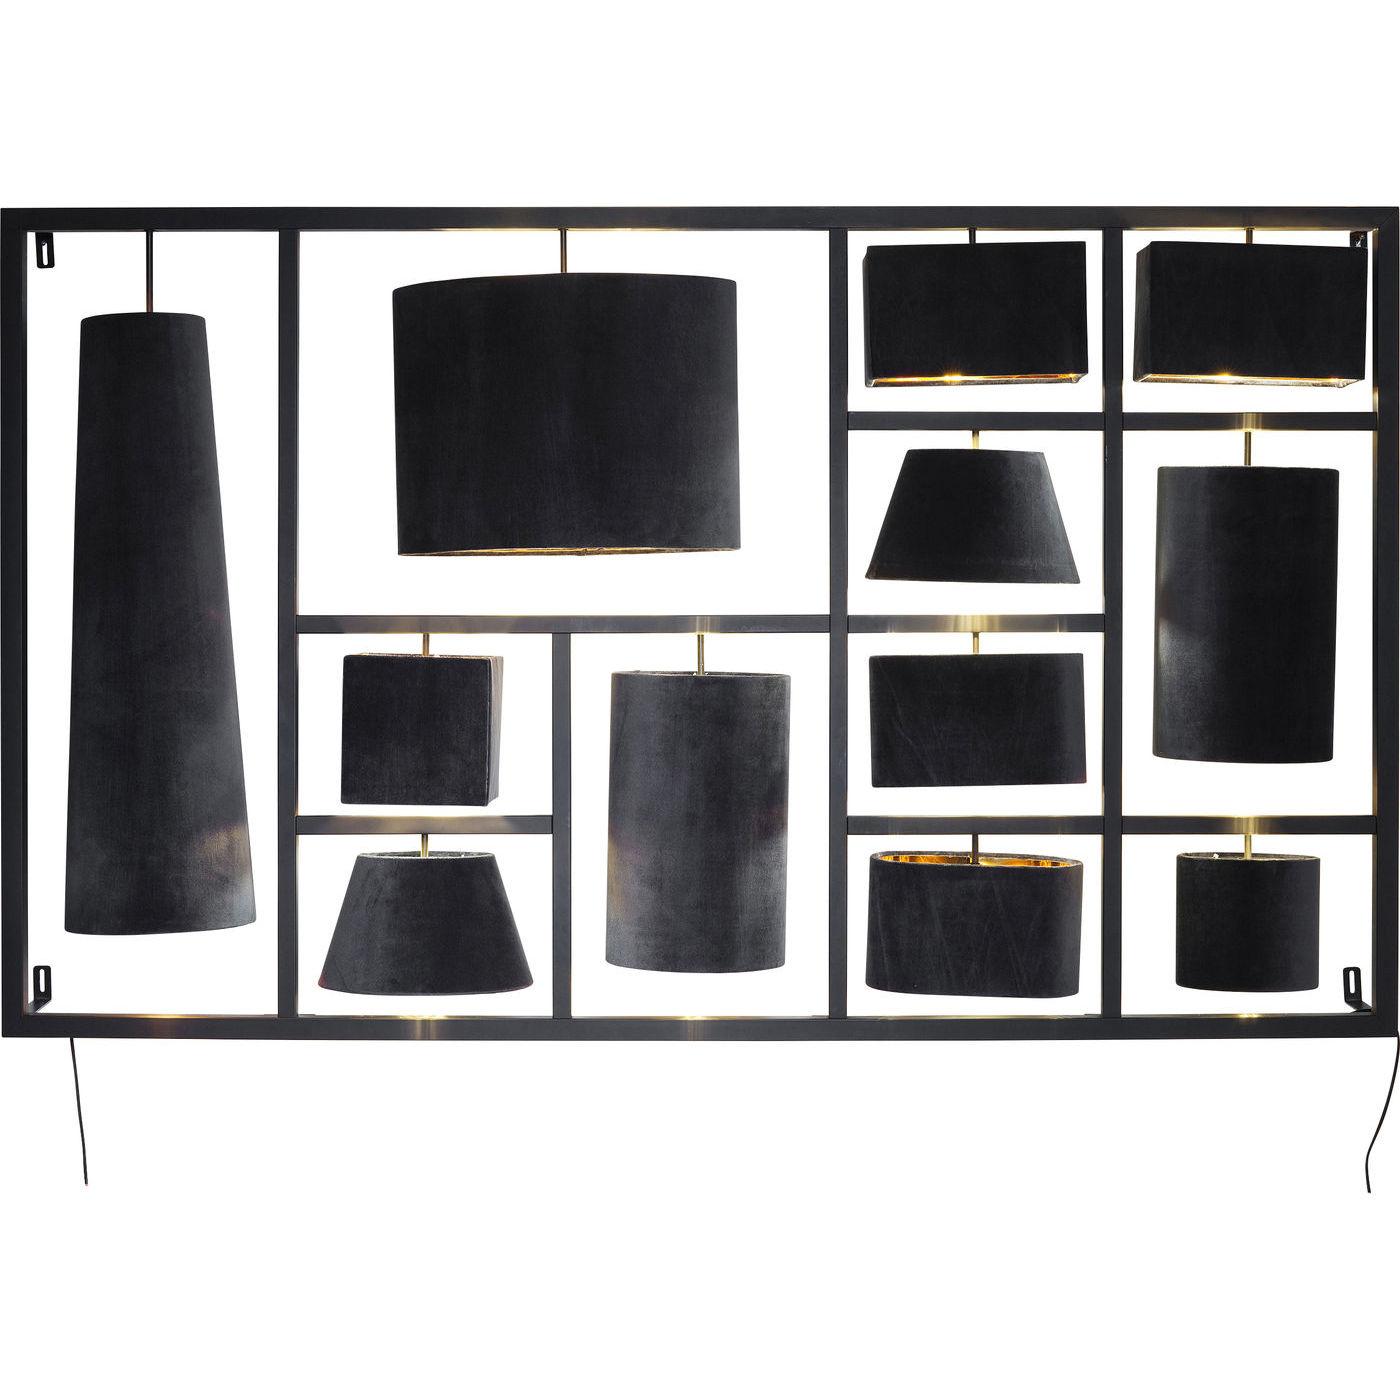 KARE DESIGN Parecchi Night Sky væglampe – grå/sort stof og stål